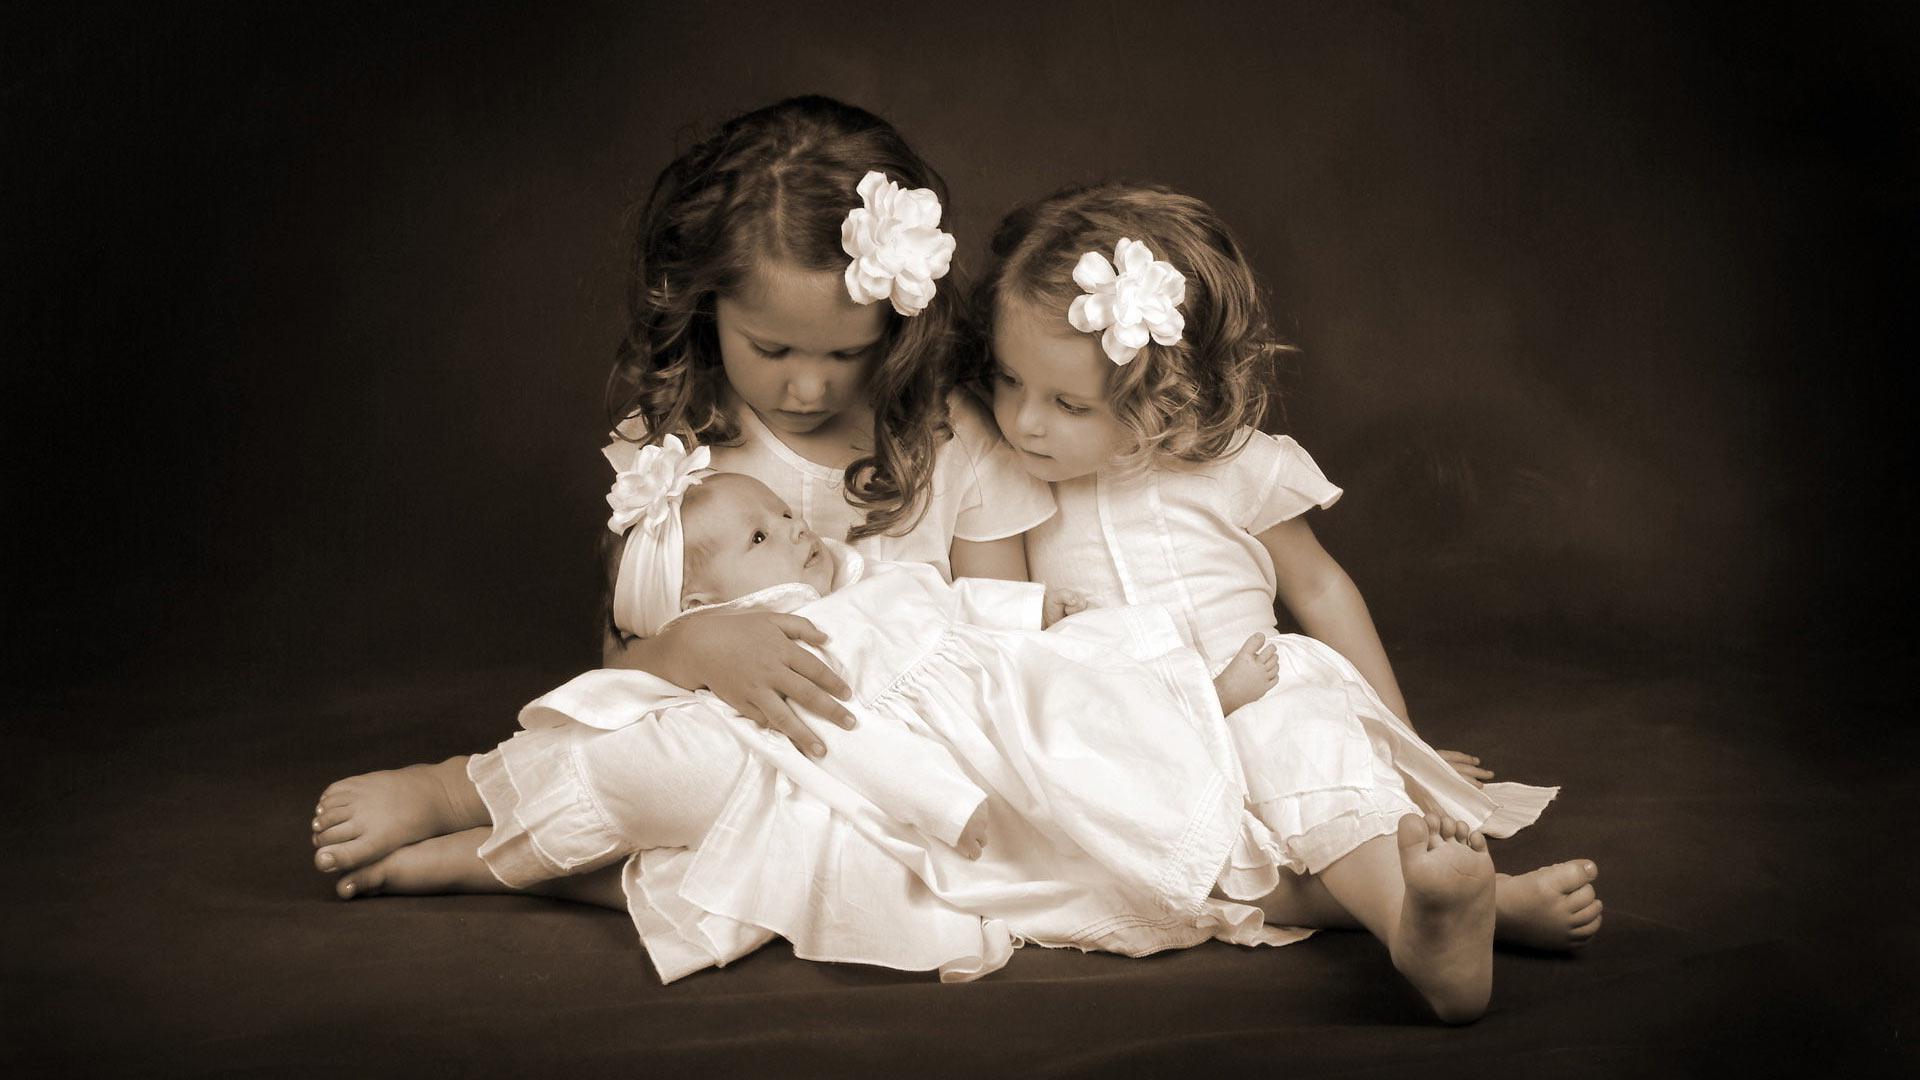 дети фото обои на рабочий стол № 522630 без смс